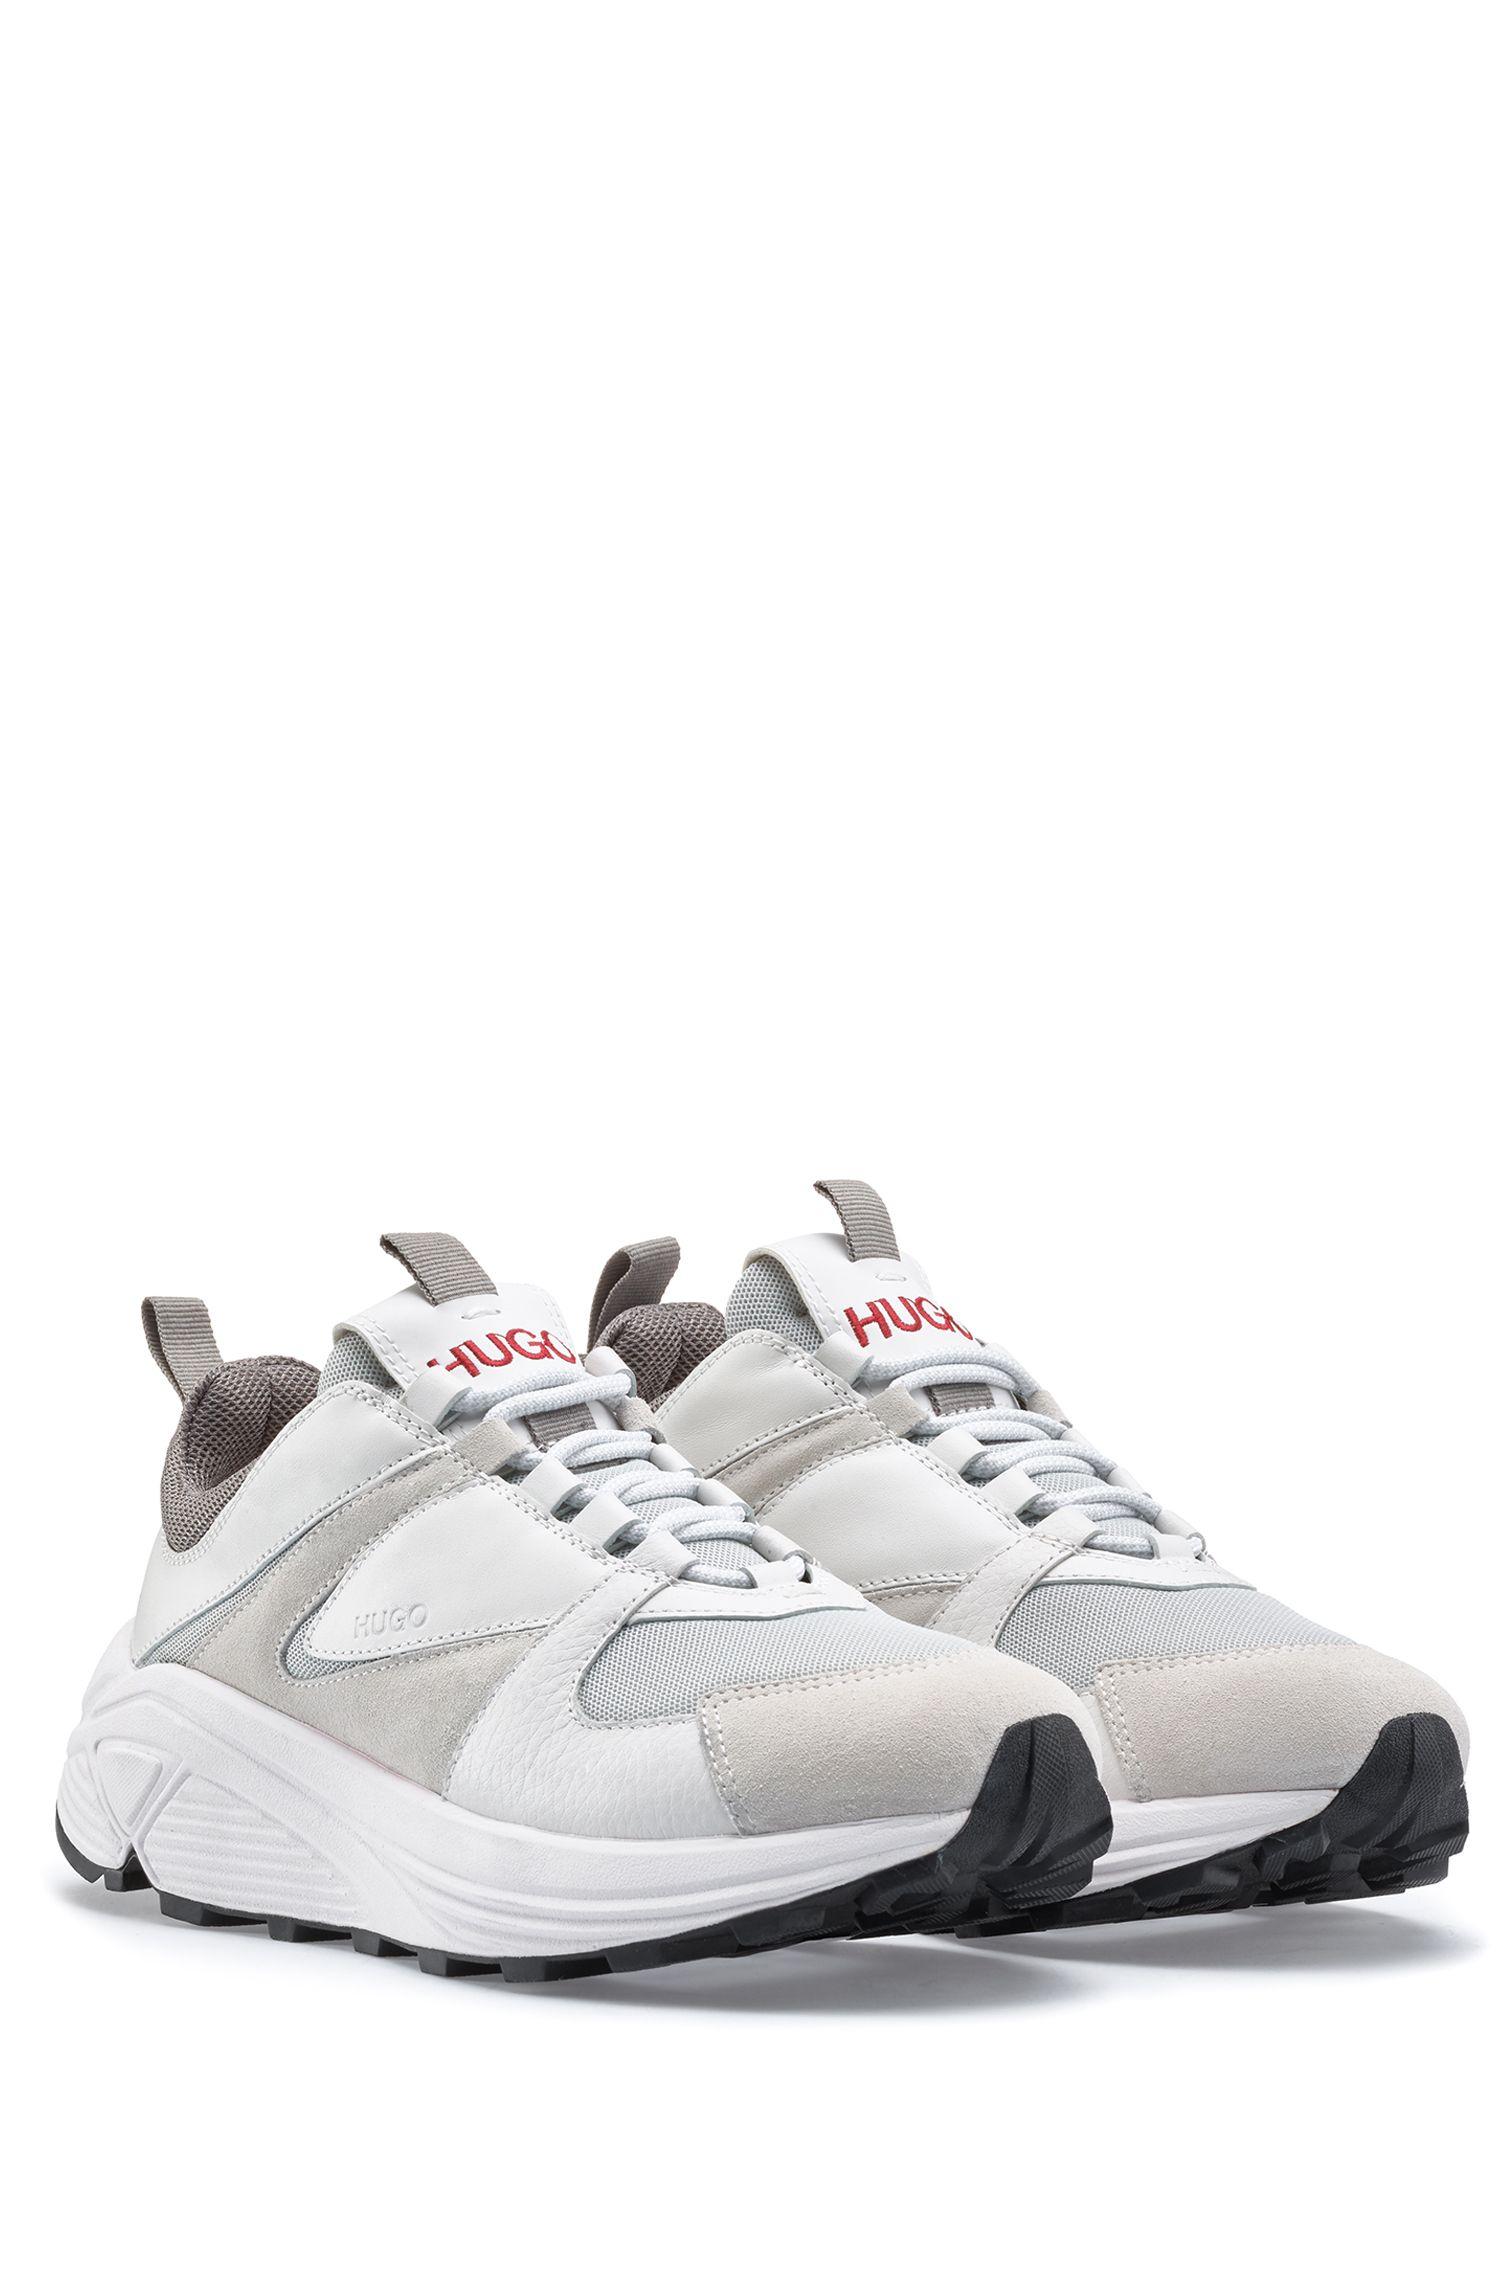 Robuuste sneakers in hardloopstijl, van mesh, suède en leer, Wit